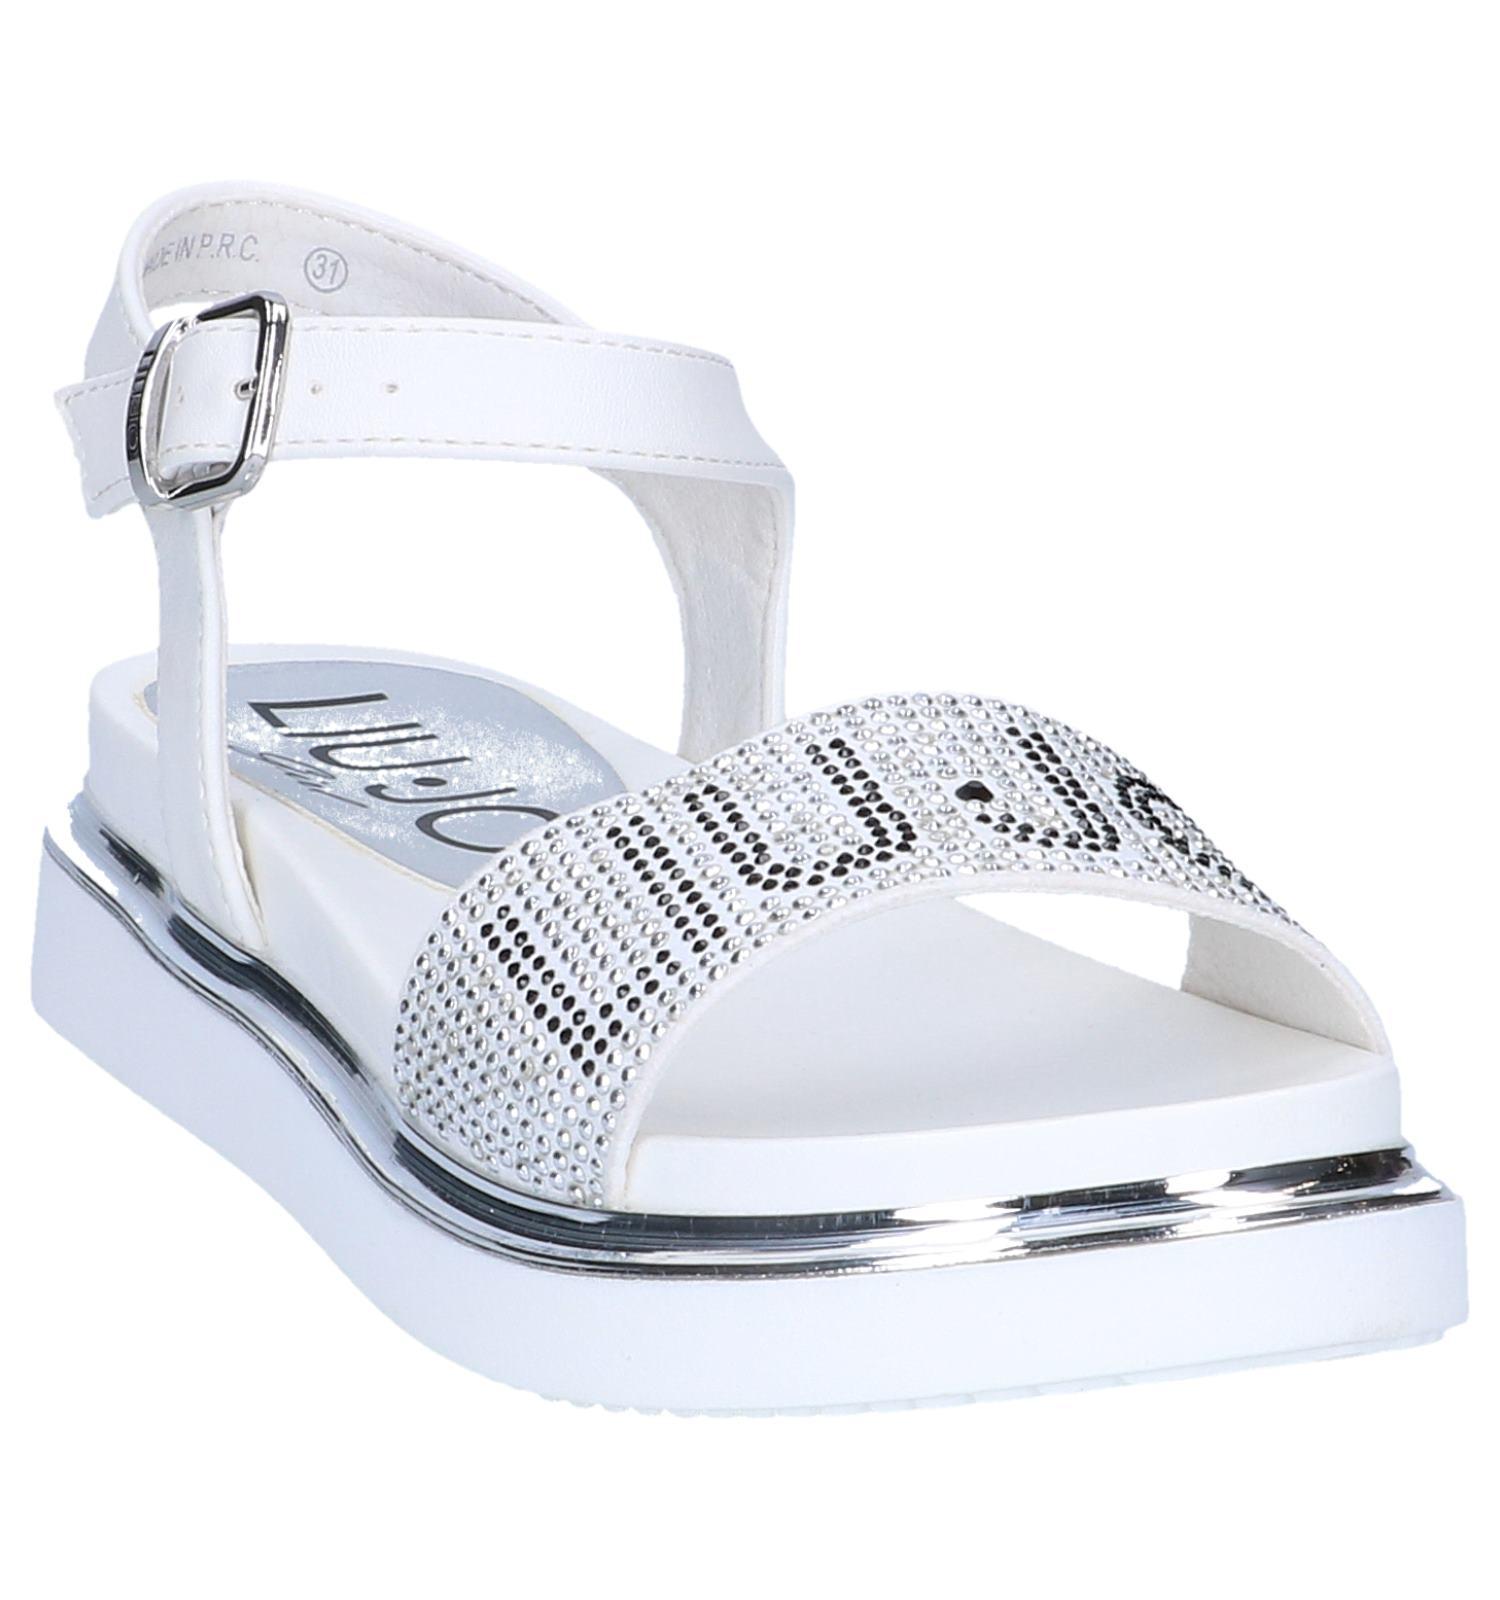 concurrerende prijs goede kwaliteit beschikbaar Witte Sandalen Liu Jo   TORFS.BE   Gratis verzend en retour